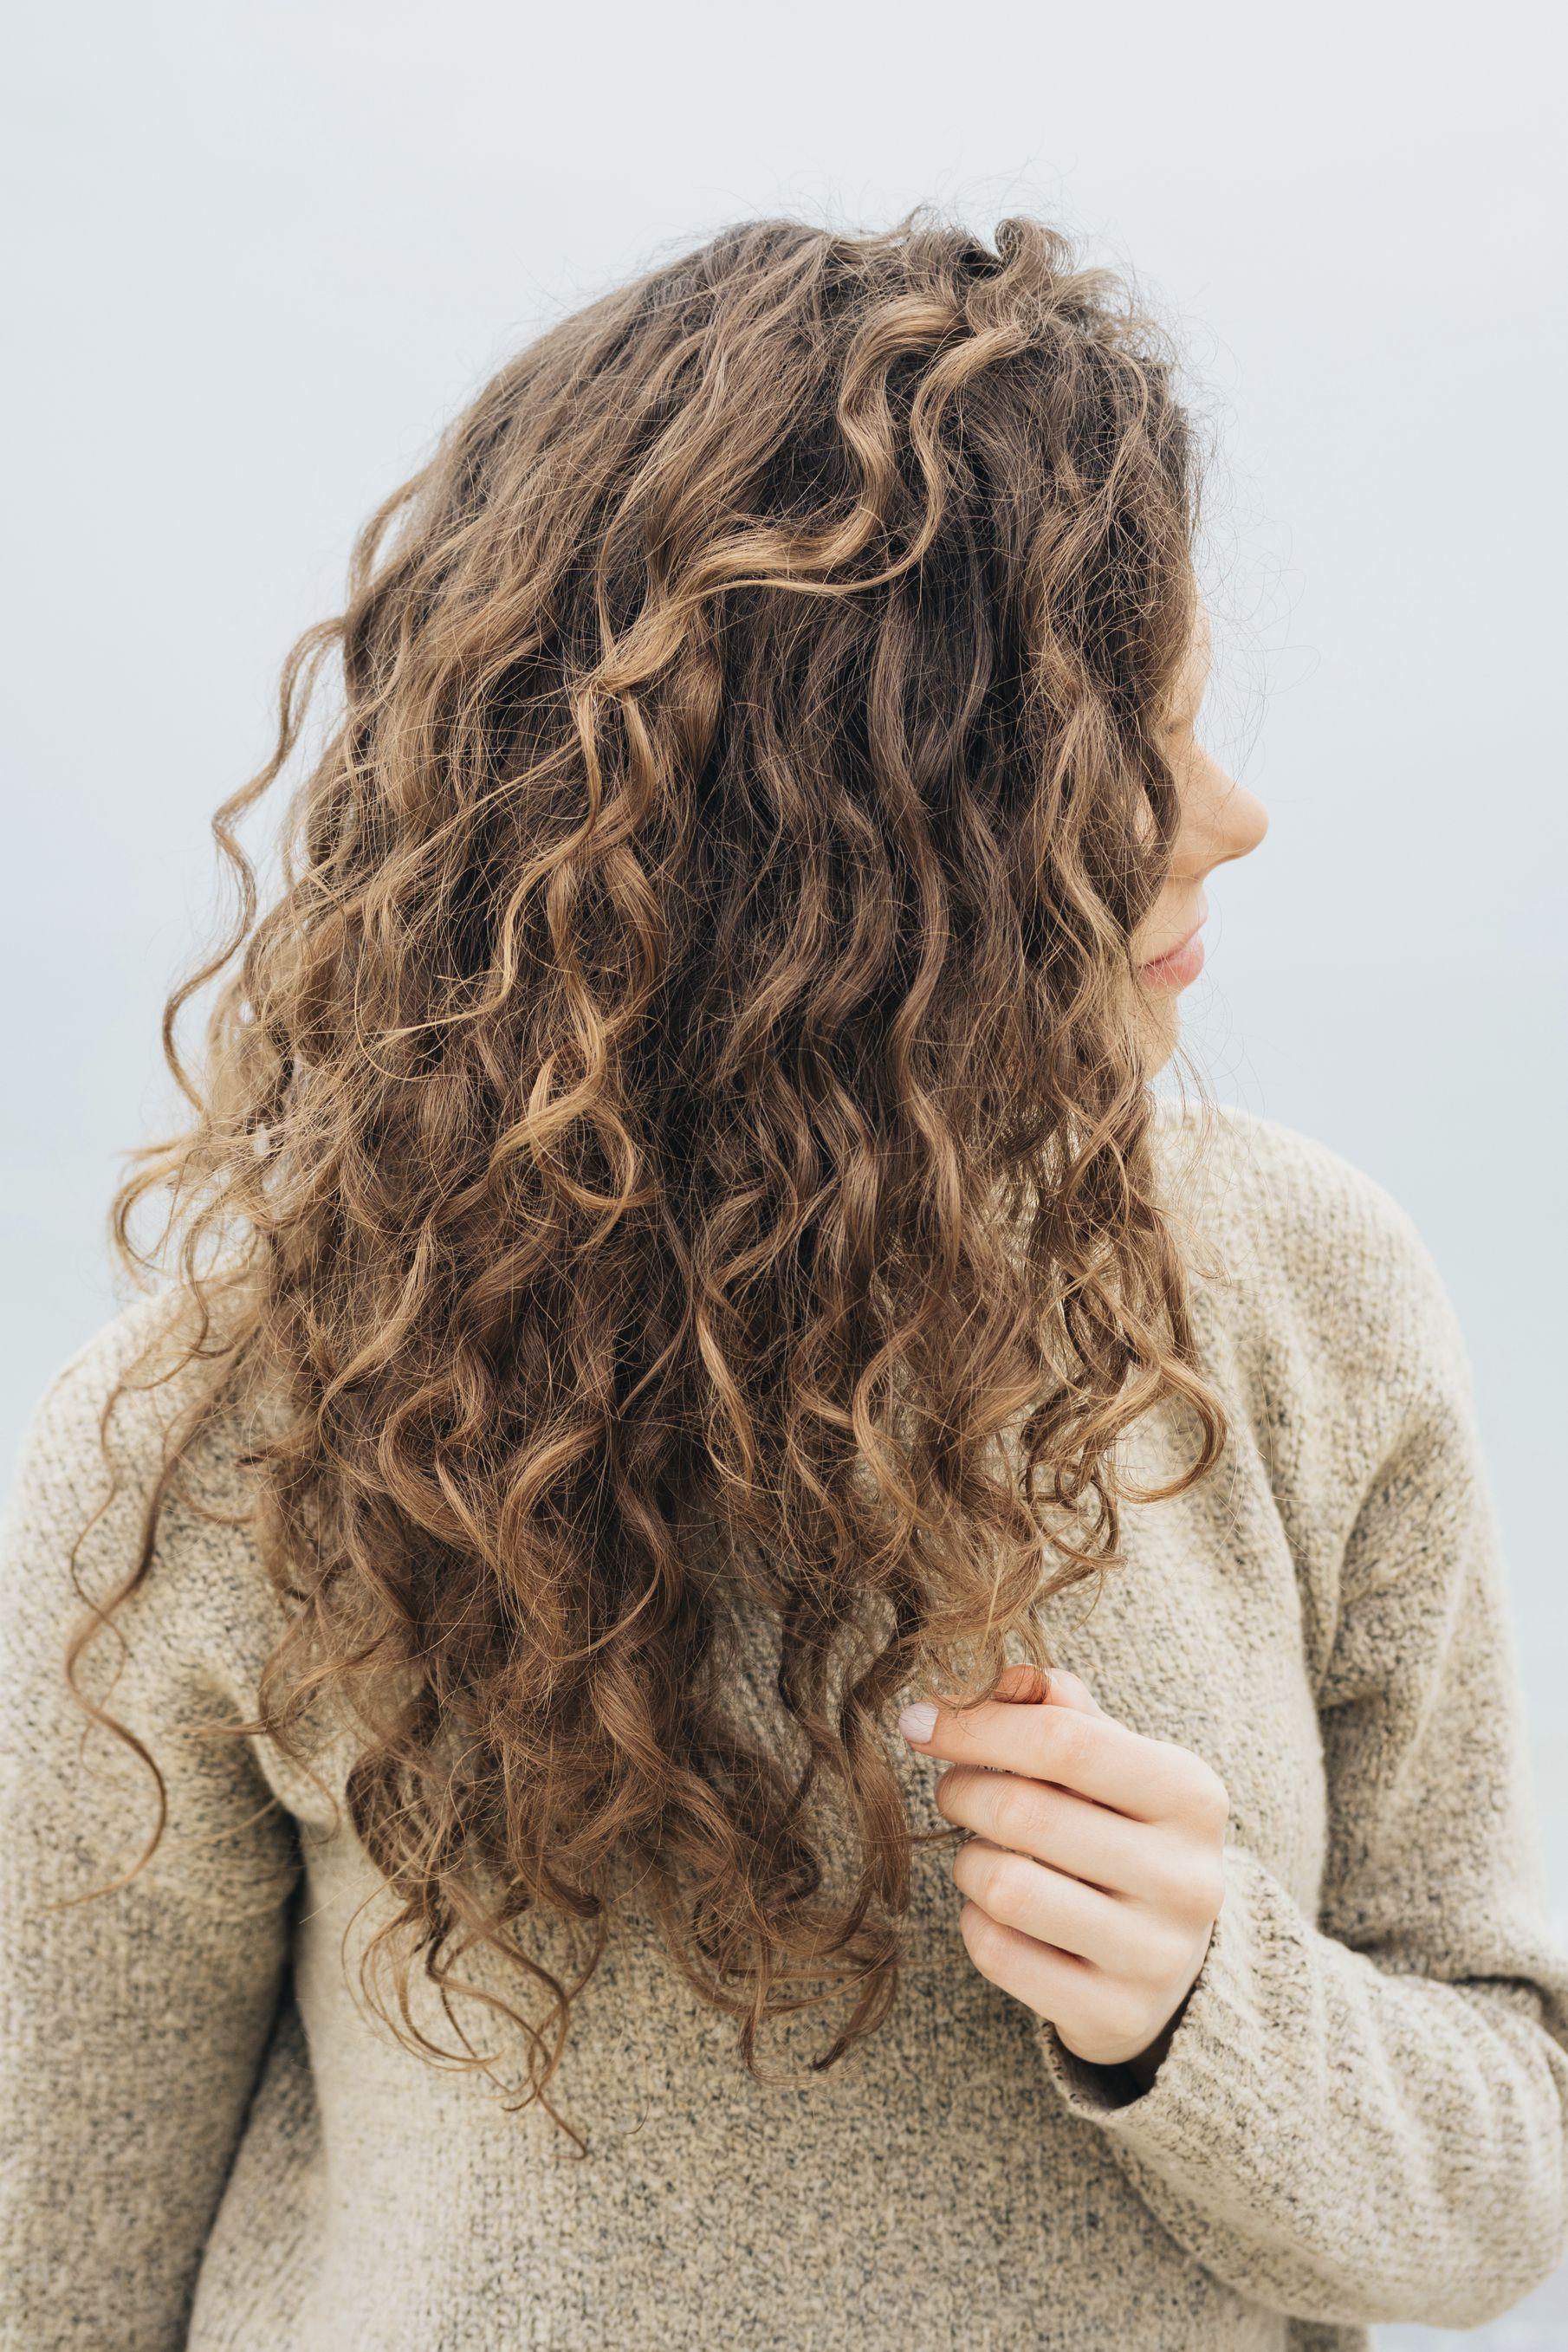 Dauerwelle Selber Machen Anleitung Desired De Dauerwelle Dauerwelle Selber Machen Dauerwellen Lange Haare